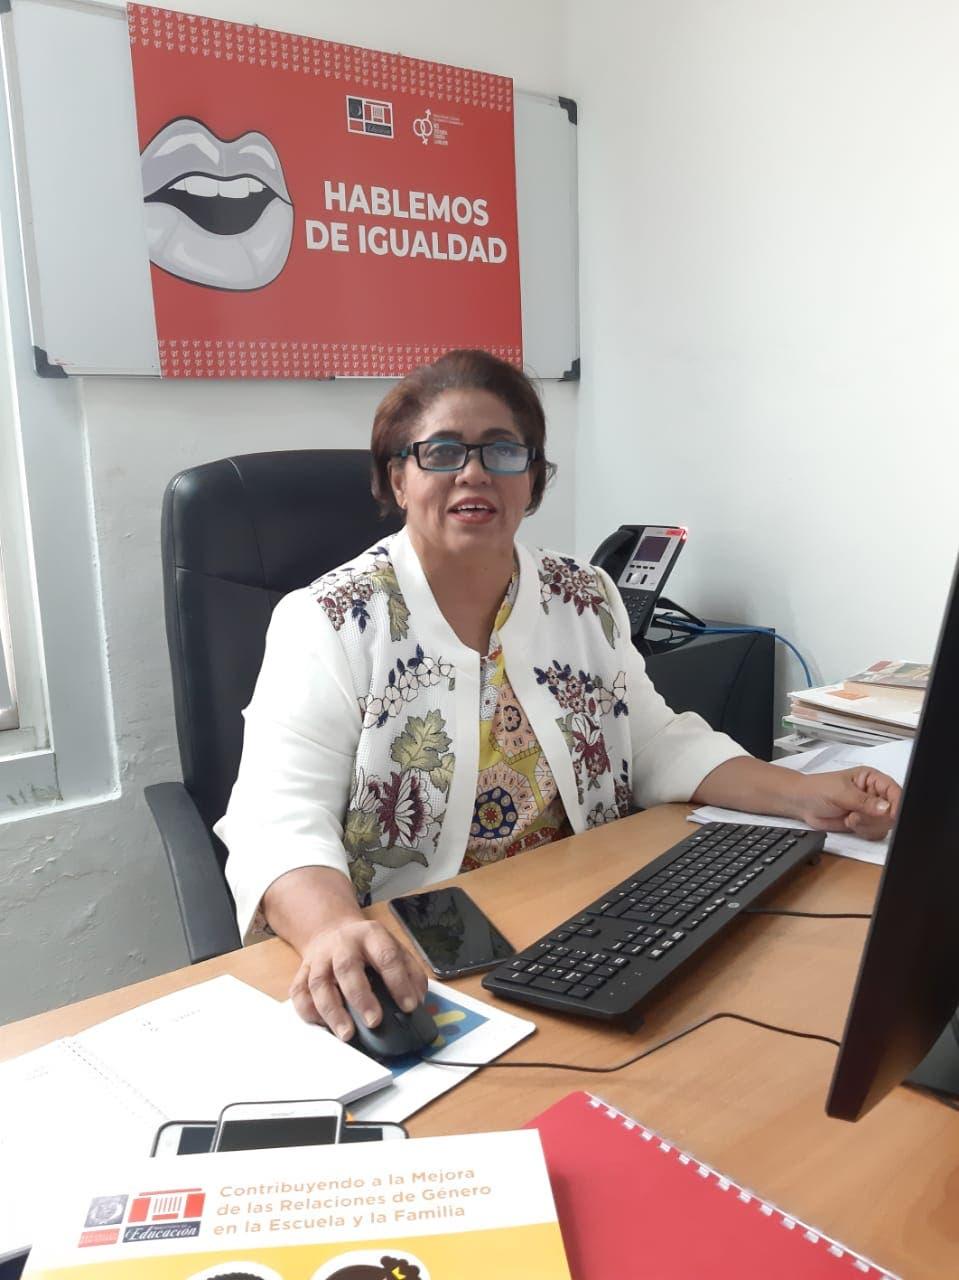 Directora de educación de género del MINERD hace precisiones sobre Orden Departamental 33-2019